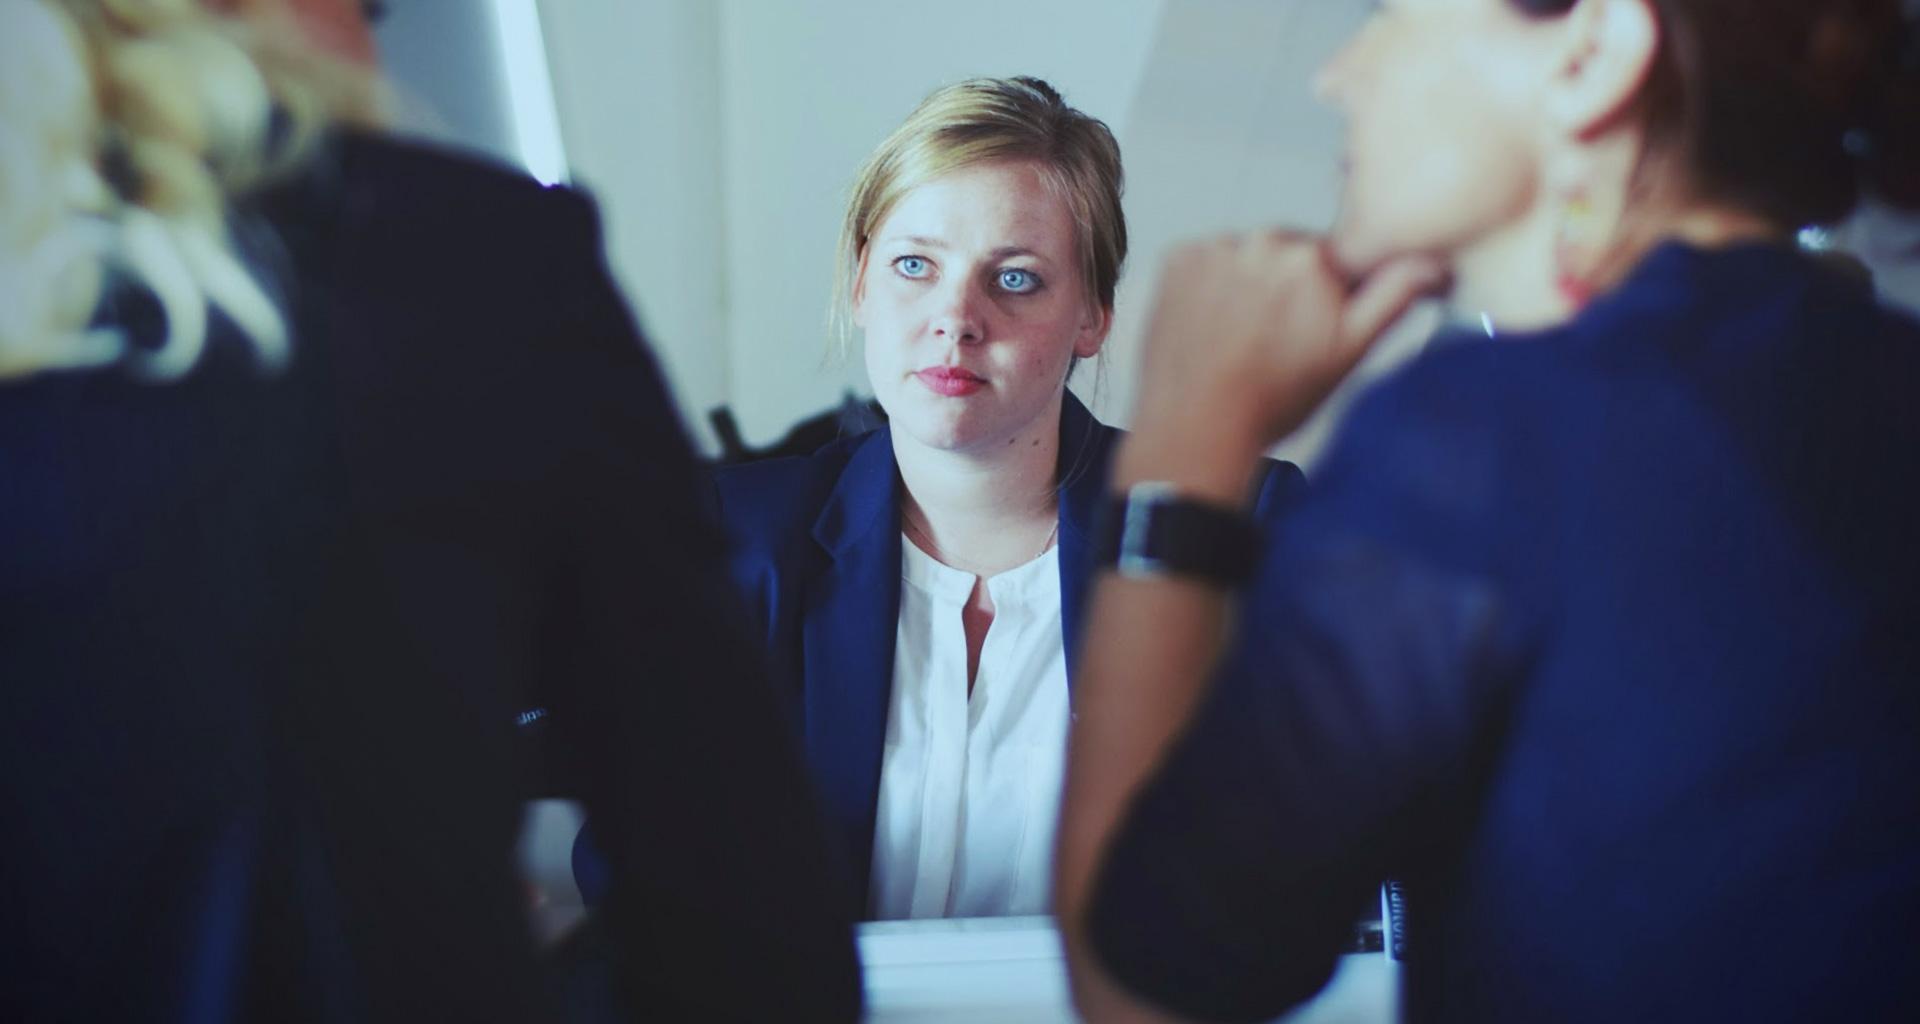 Leadership challenge for women